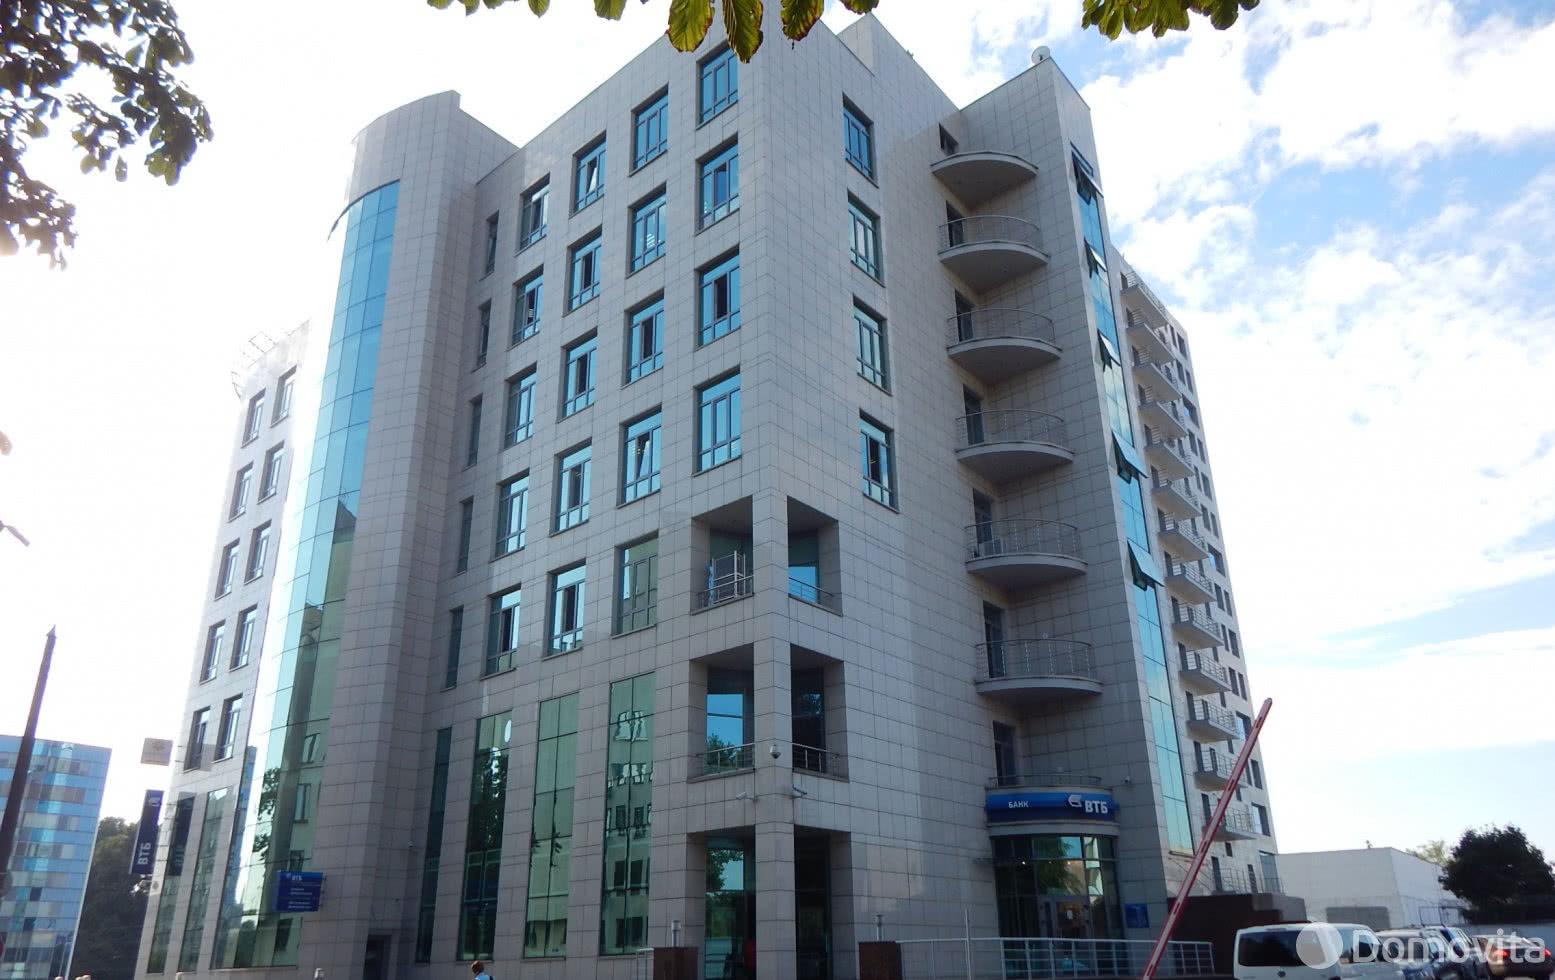 Бизнес-центр Саако - фото 2